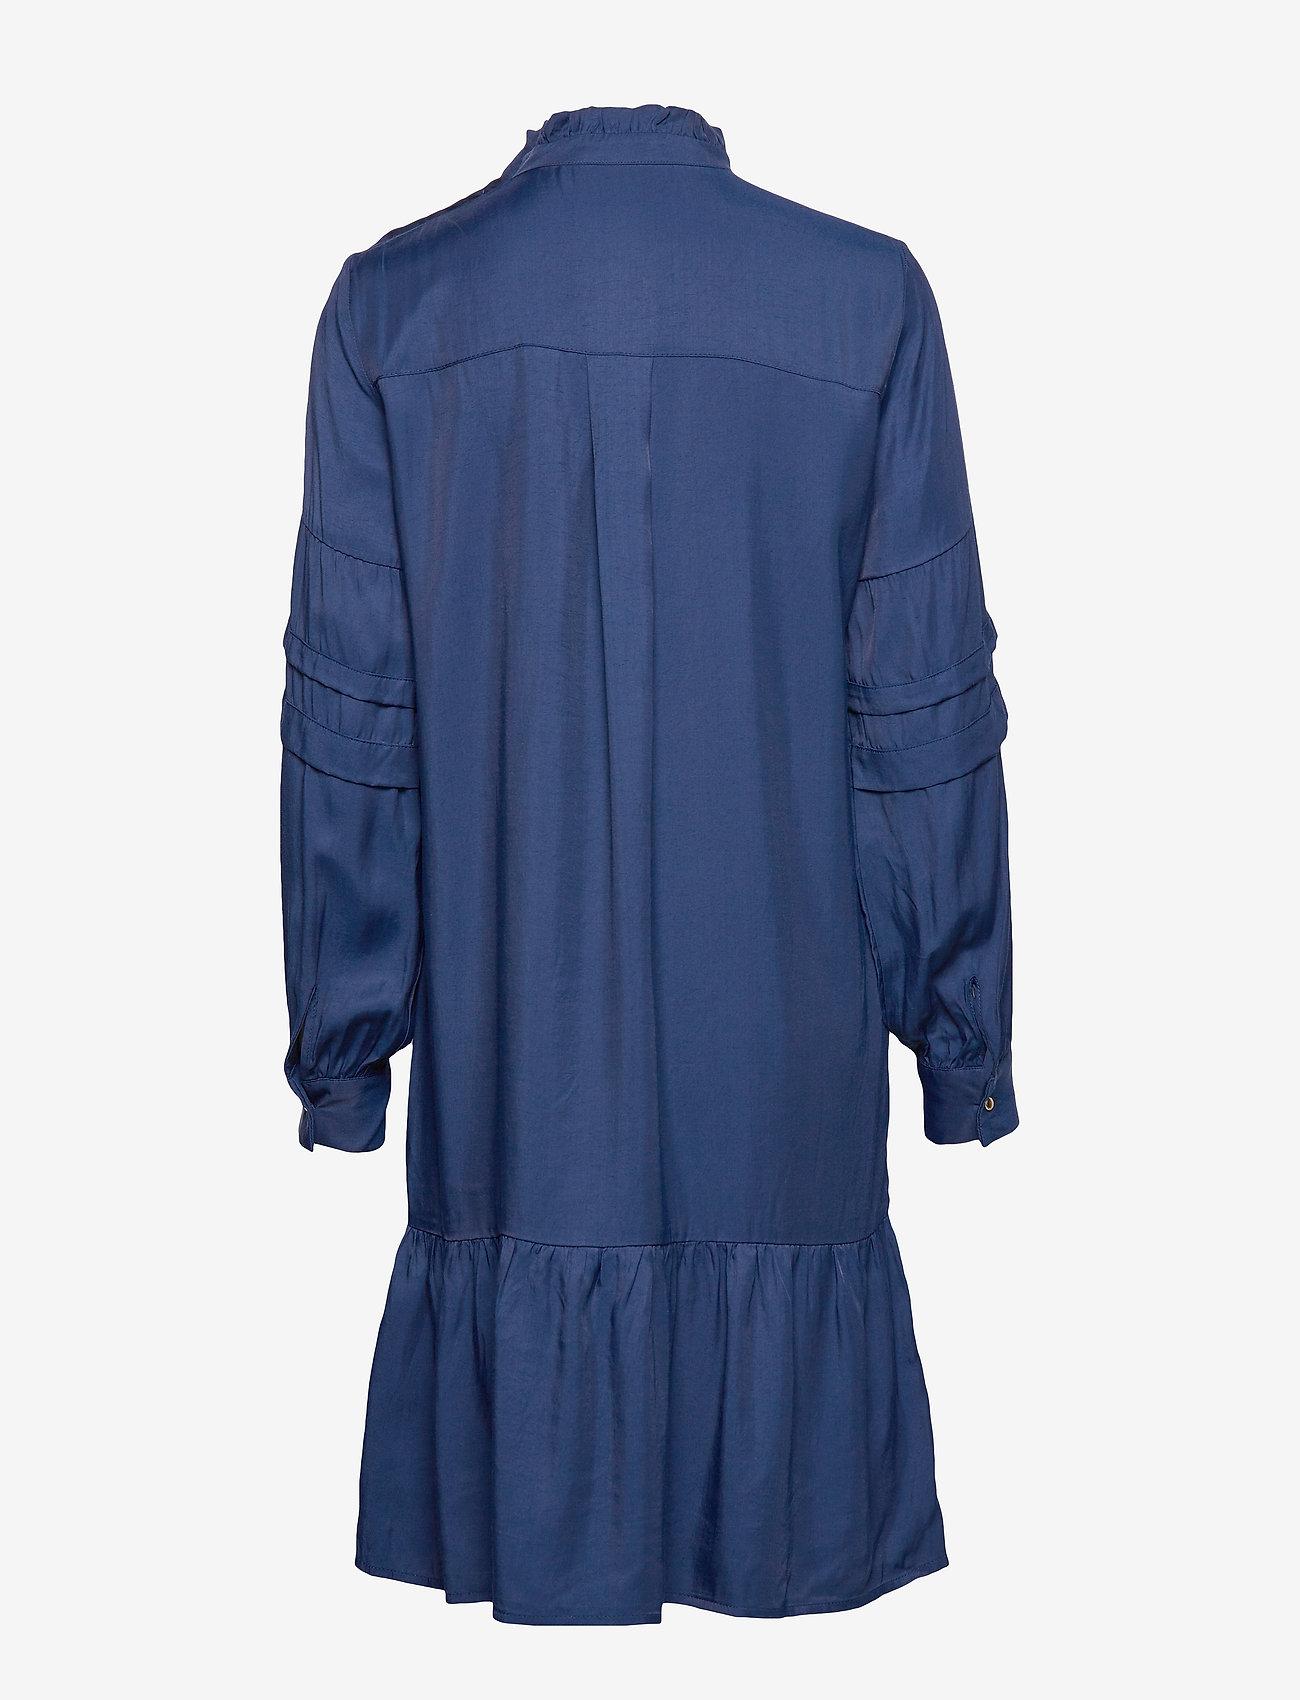 Levete Room LR-HILDE - Sukienki L210 - DRESS BLUES - Kobiety Odzież.